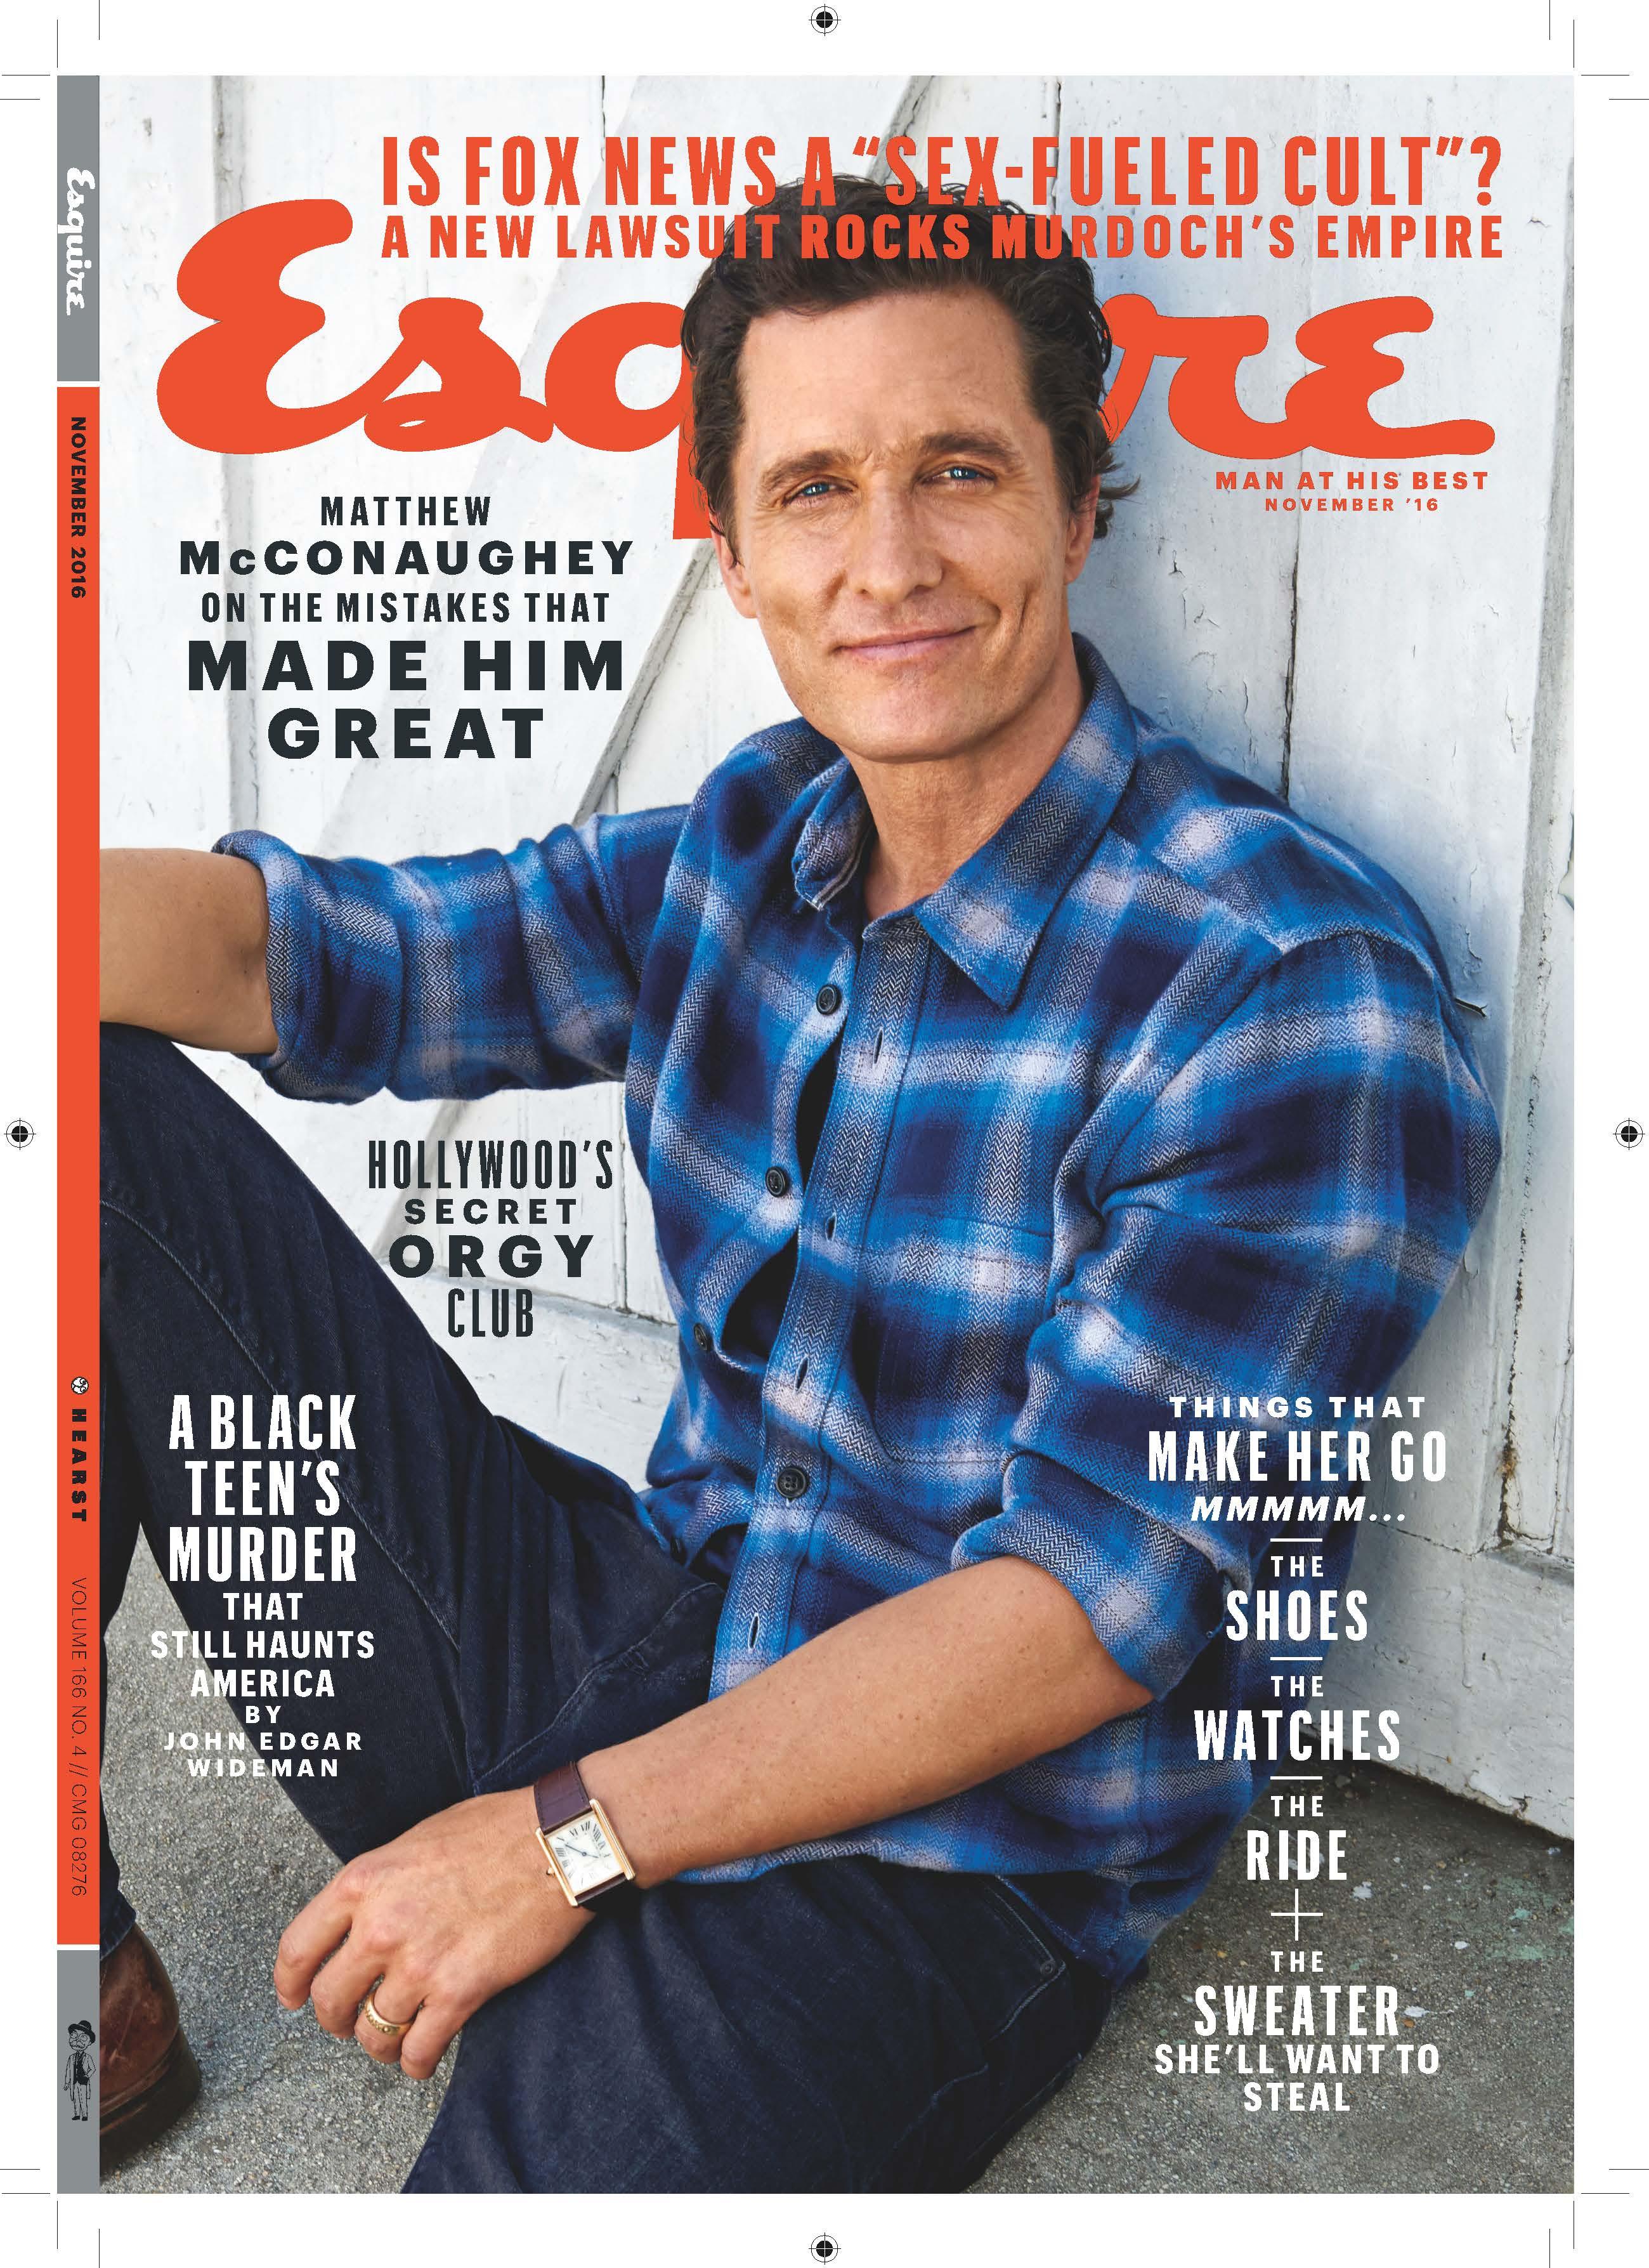 Jack Essig's Esquire & Hearst Men's Group: One Man's